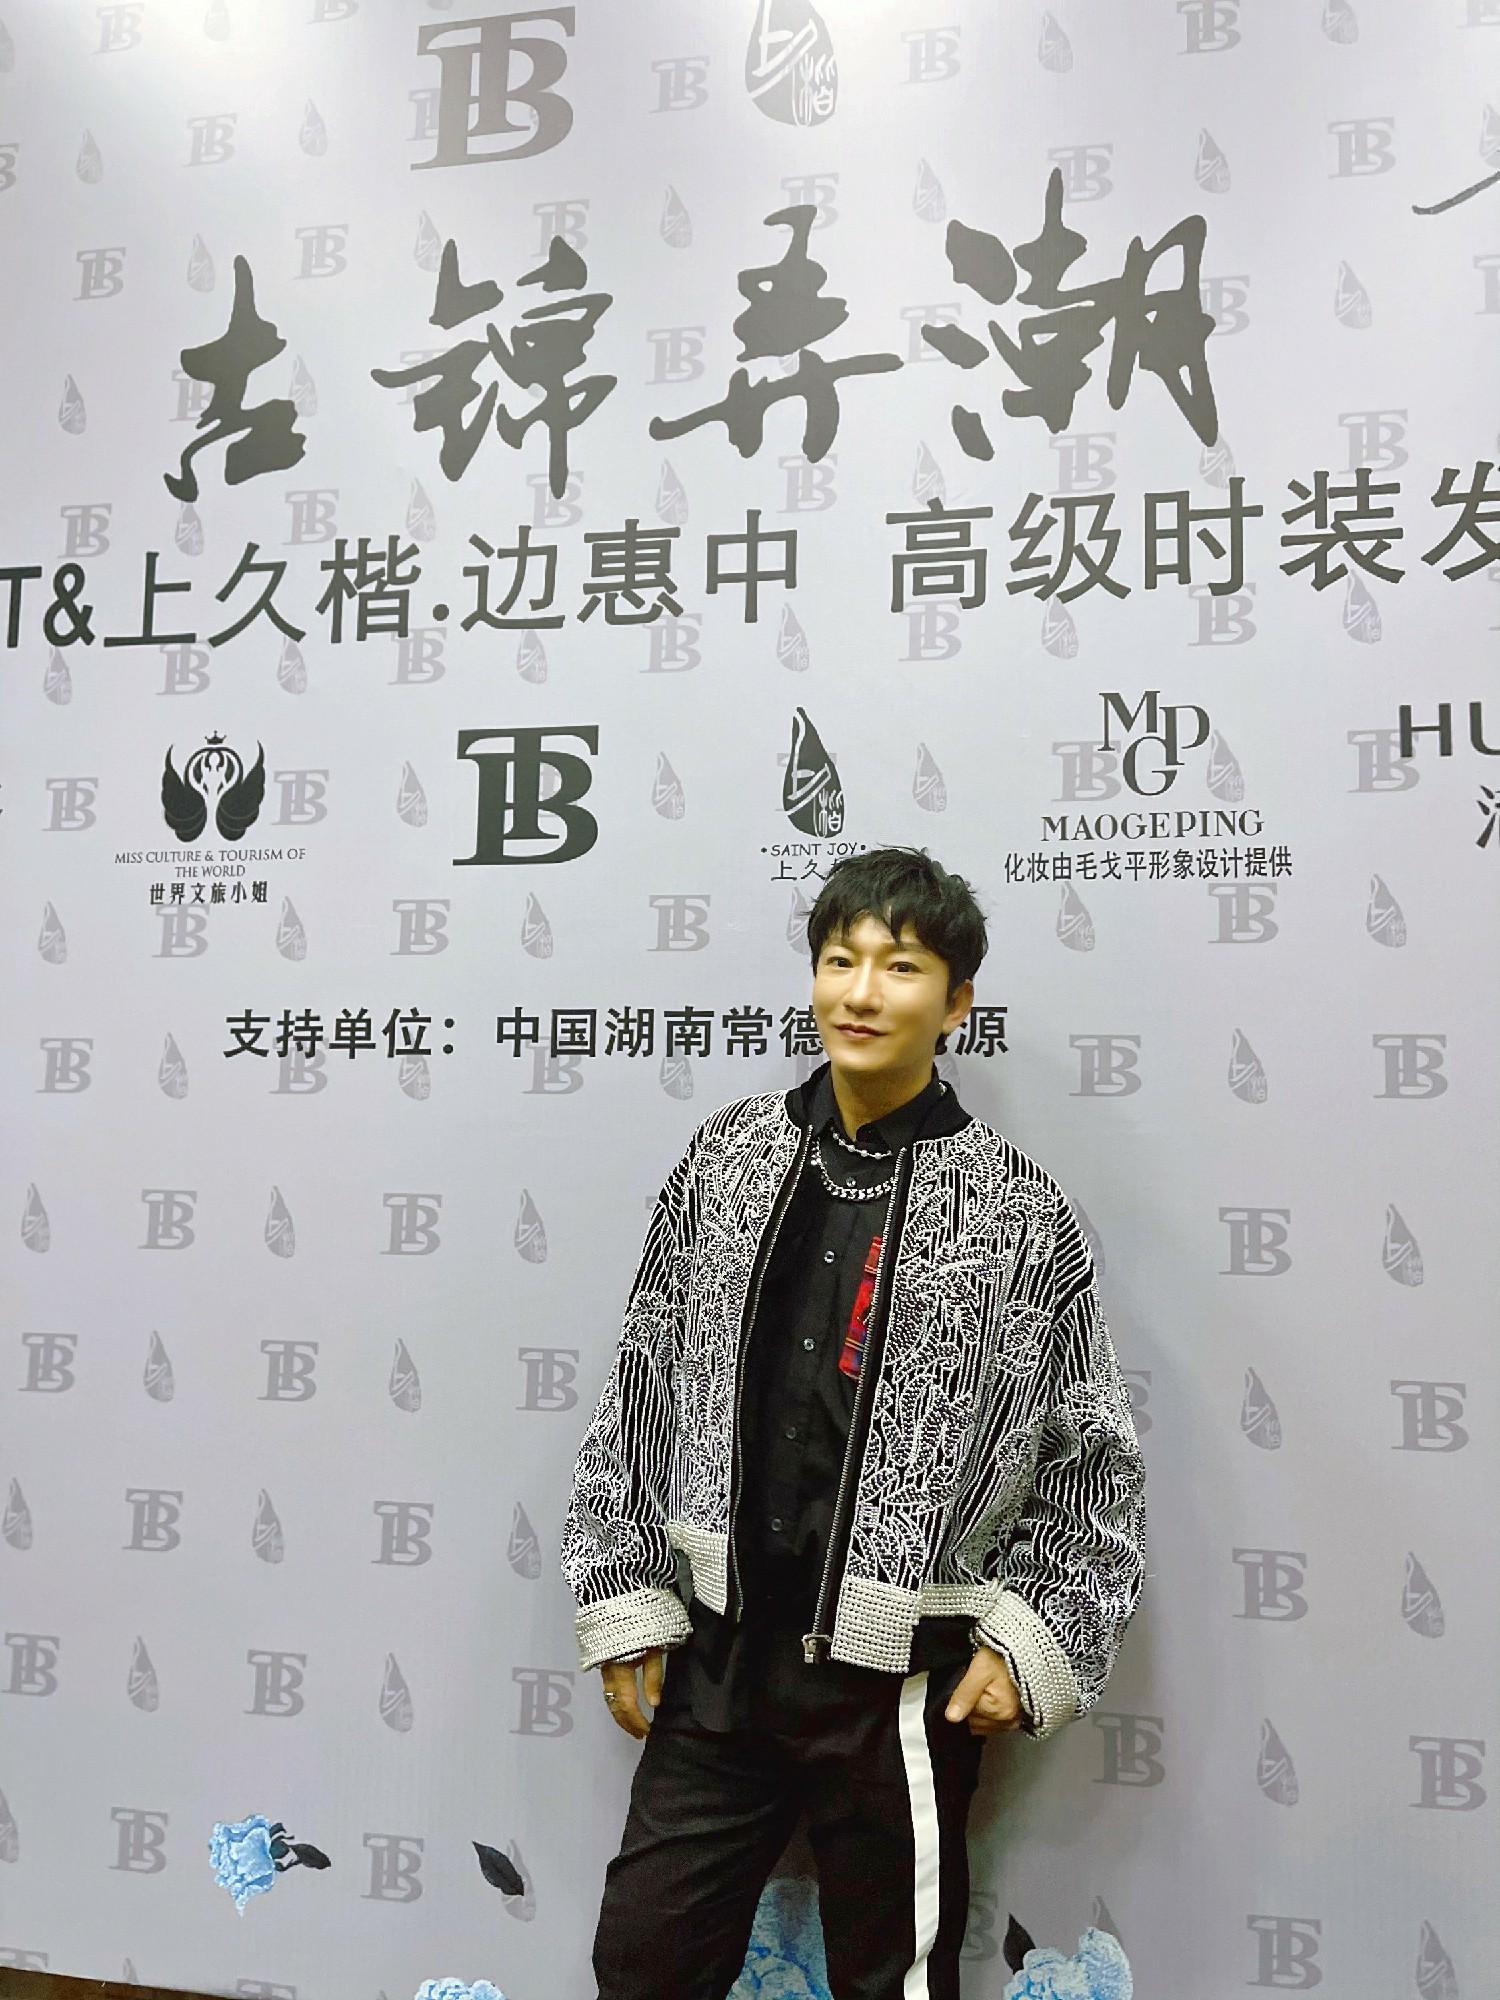 李炳辰亮相中国国际时装周 享受古风与时尚的视觉碰撞